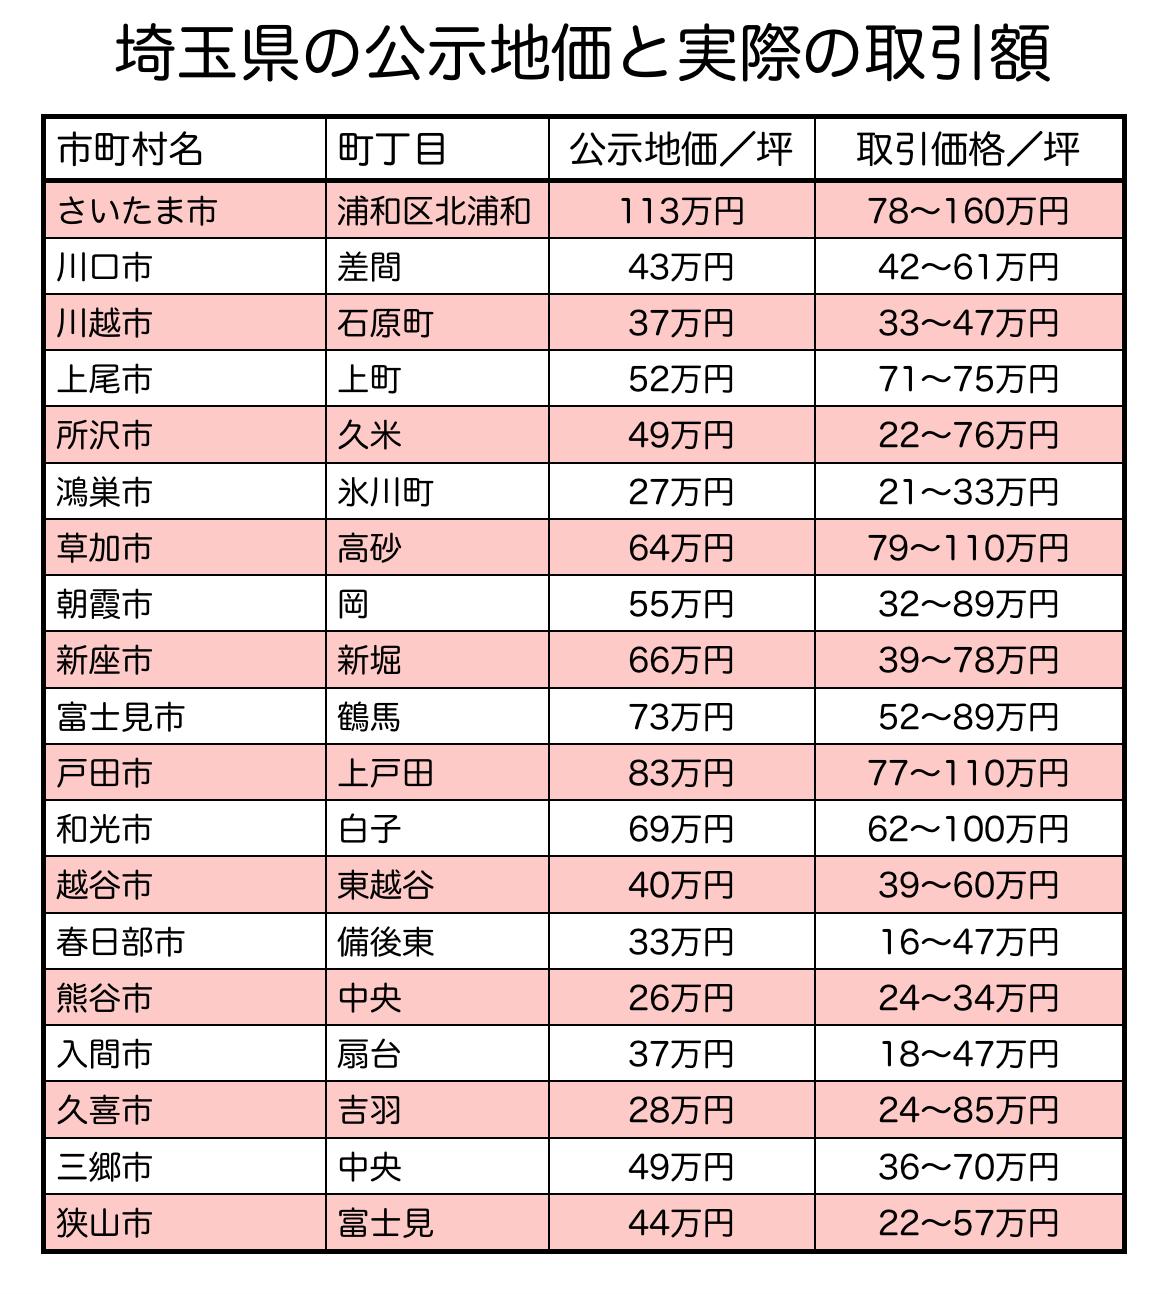 埼玉県の公示地価と土地取引額の違い